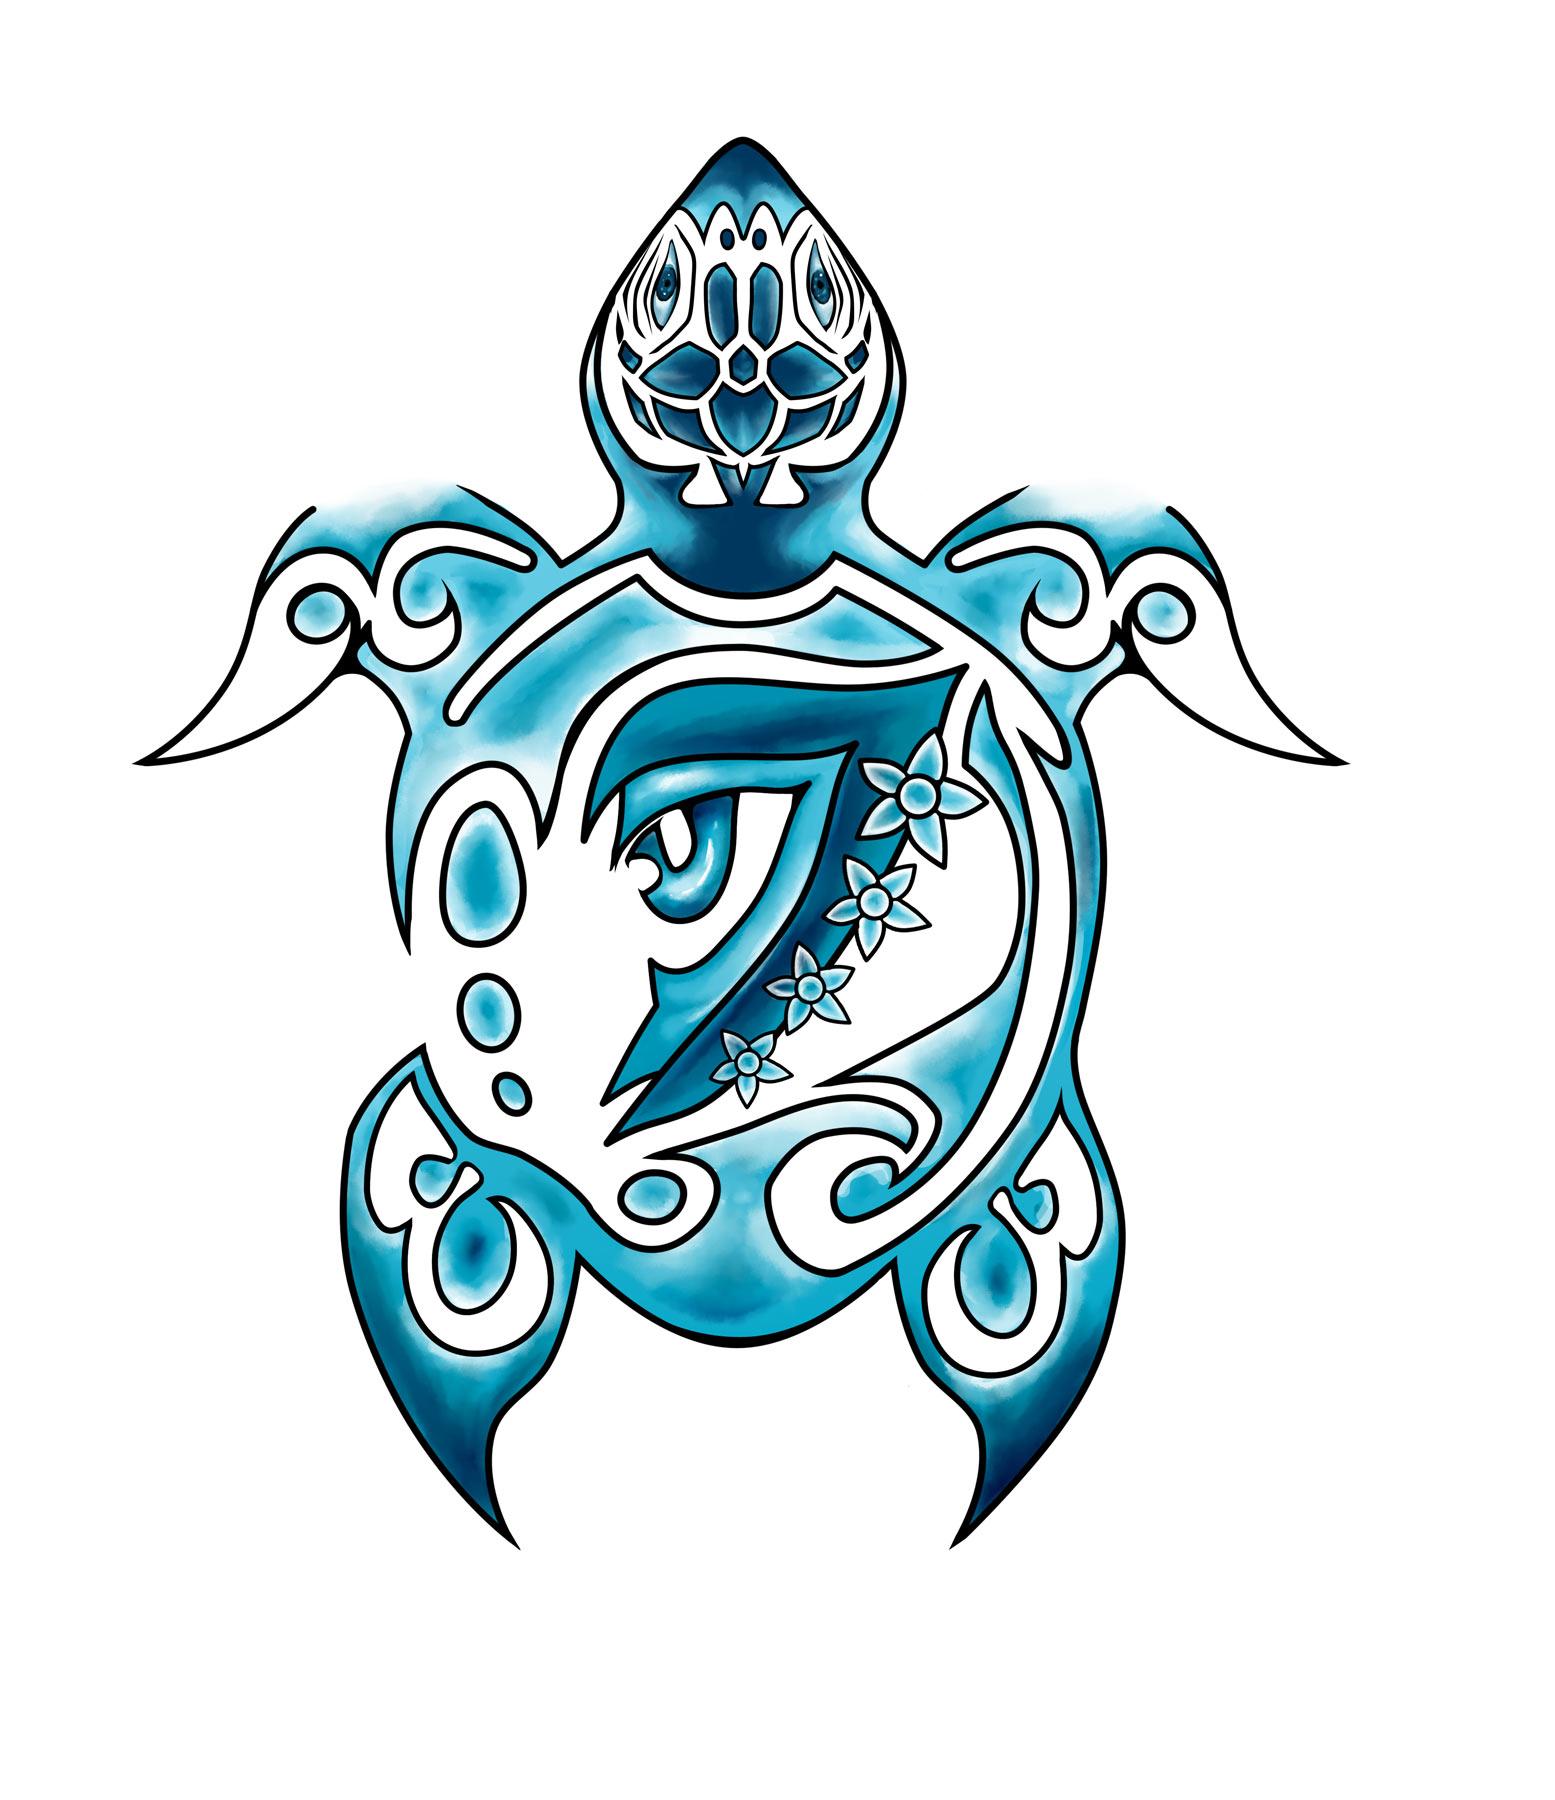 Hawaiian turtle designs color - photo#24